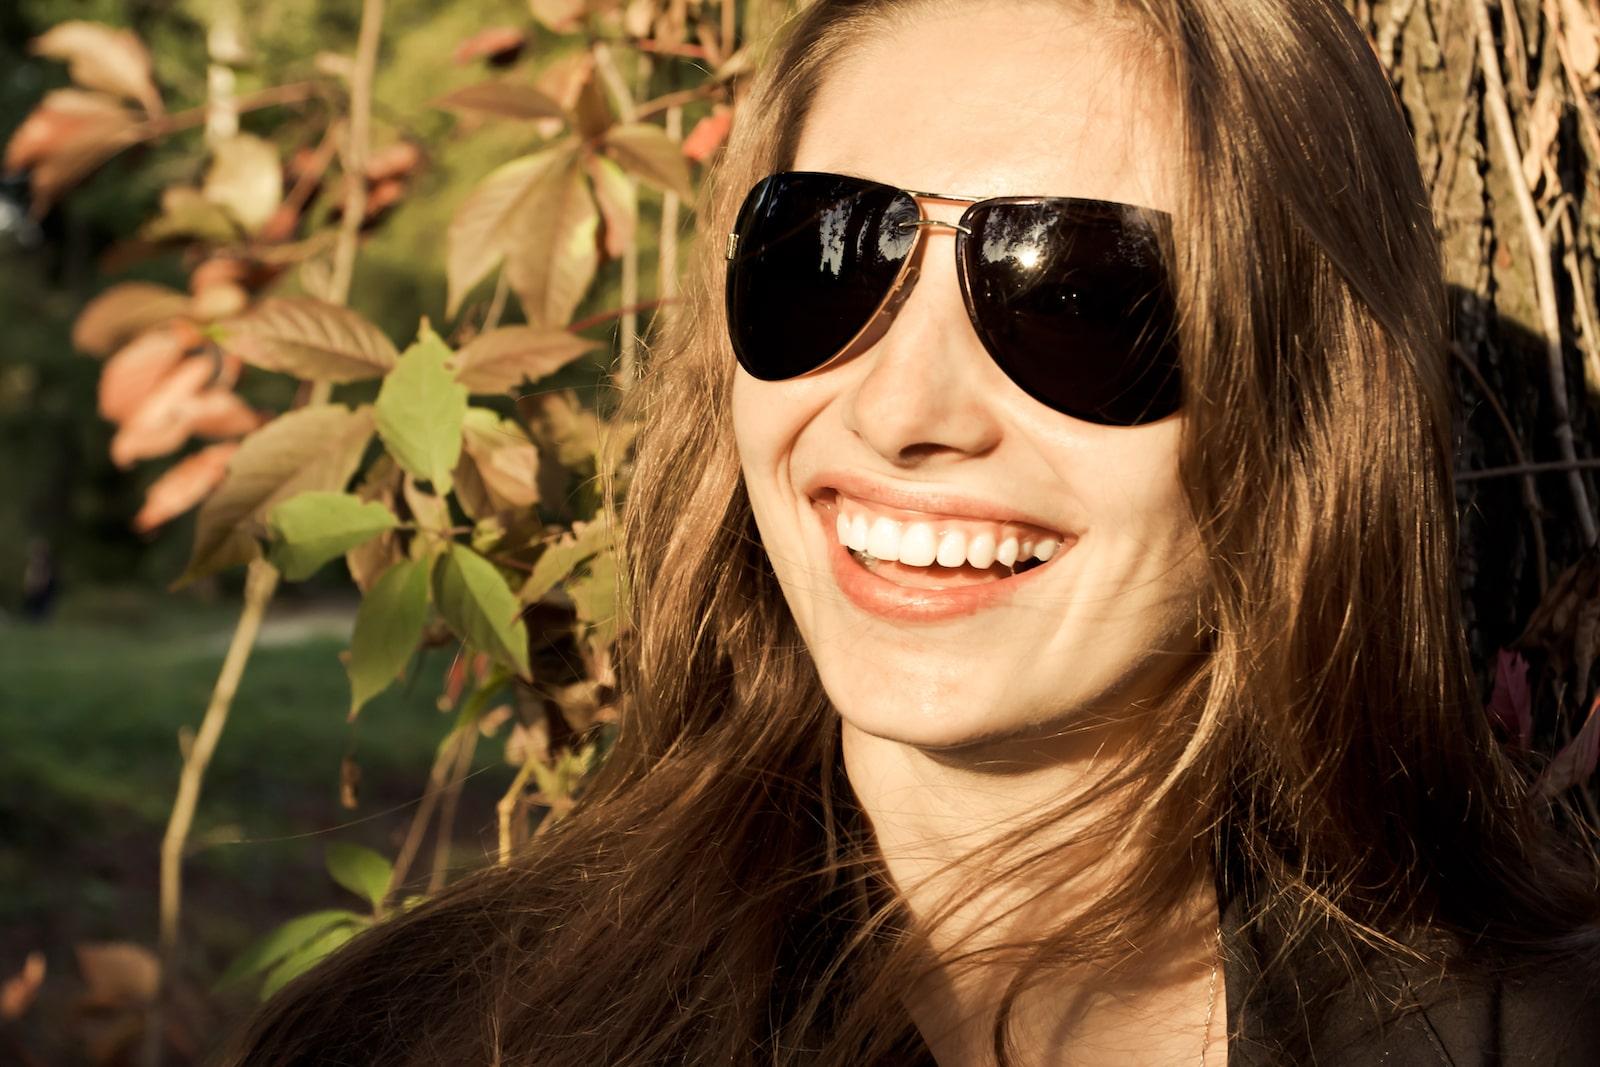 non-fluoride mouthwash smile alkaline protect enamel